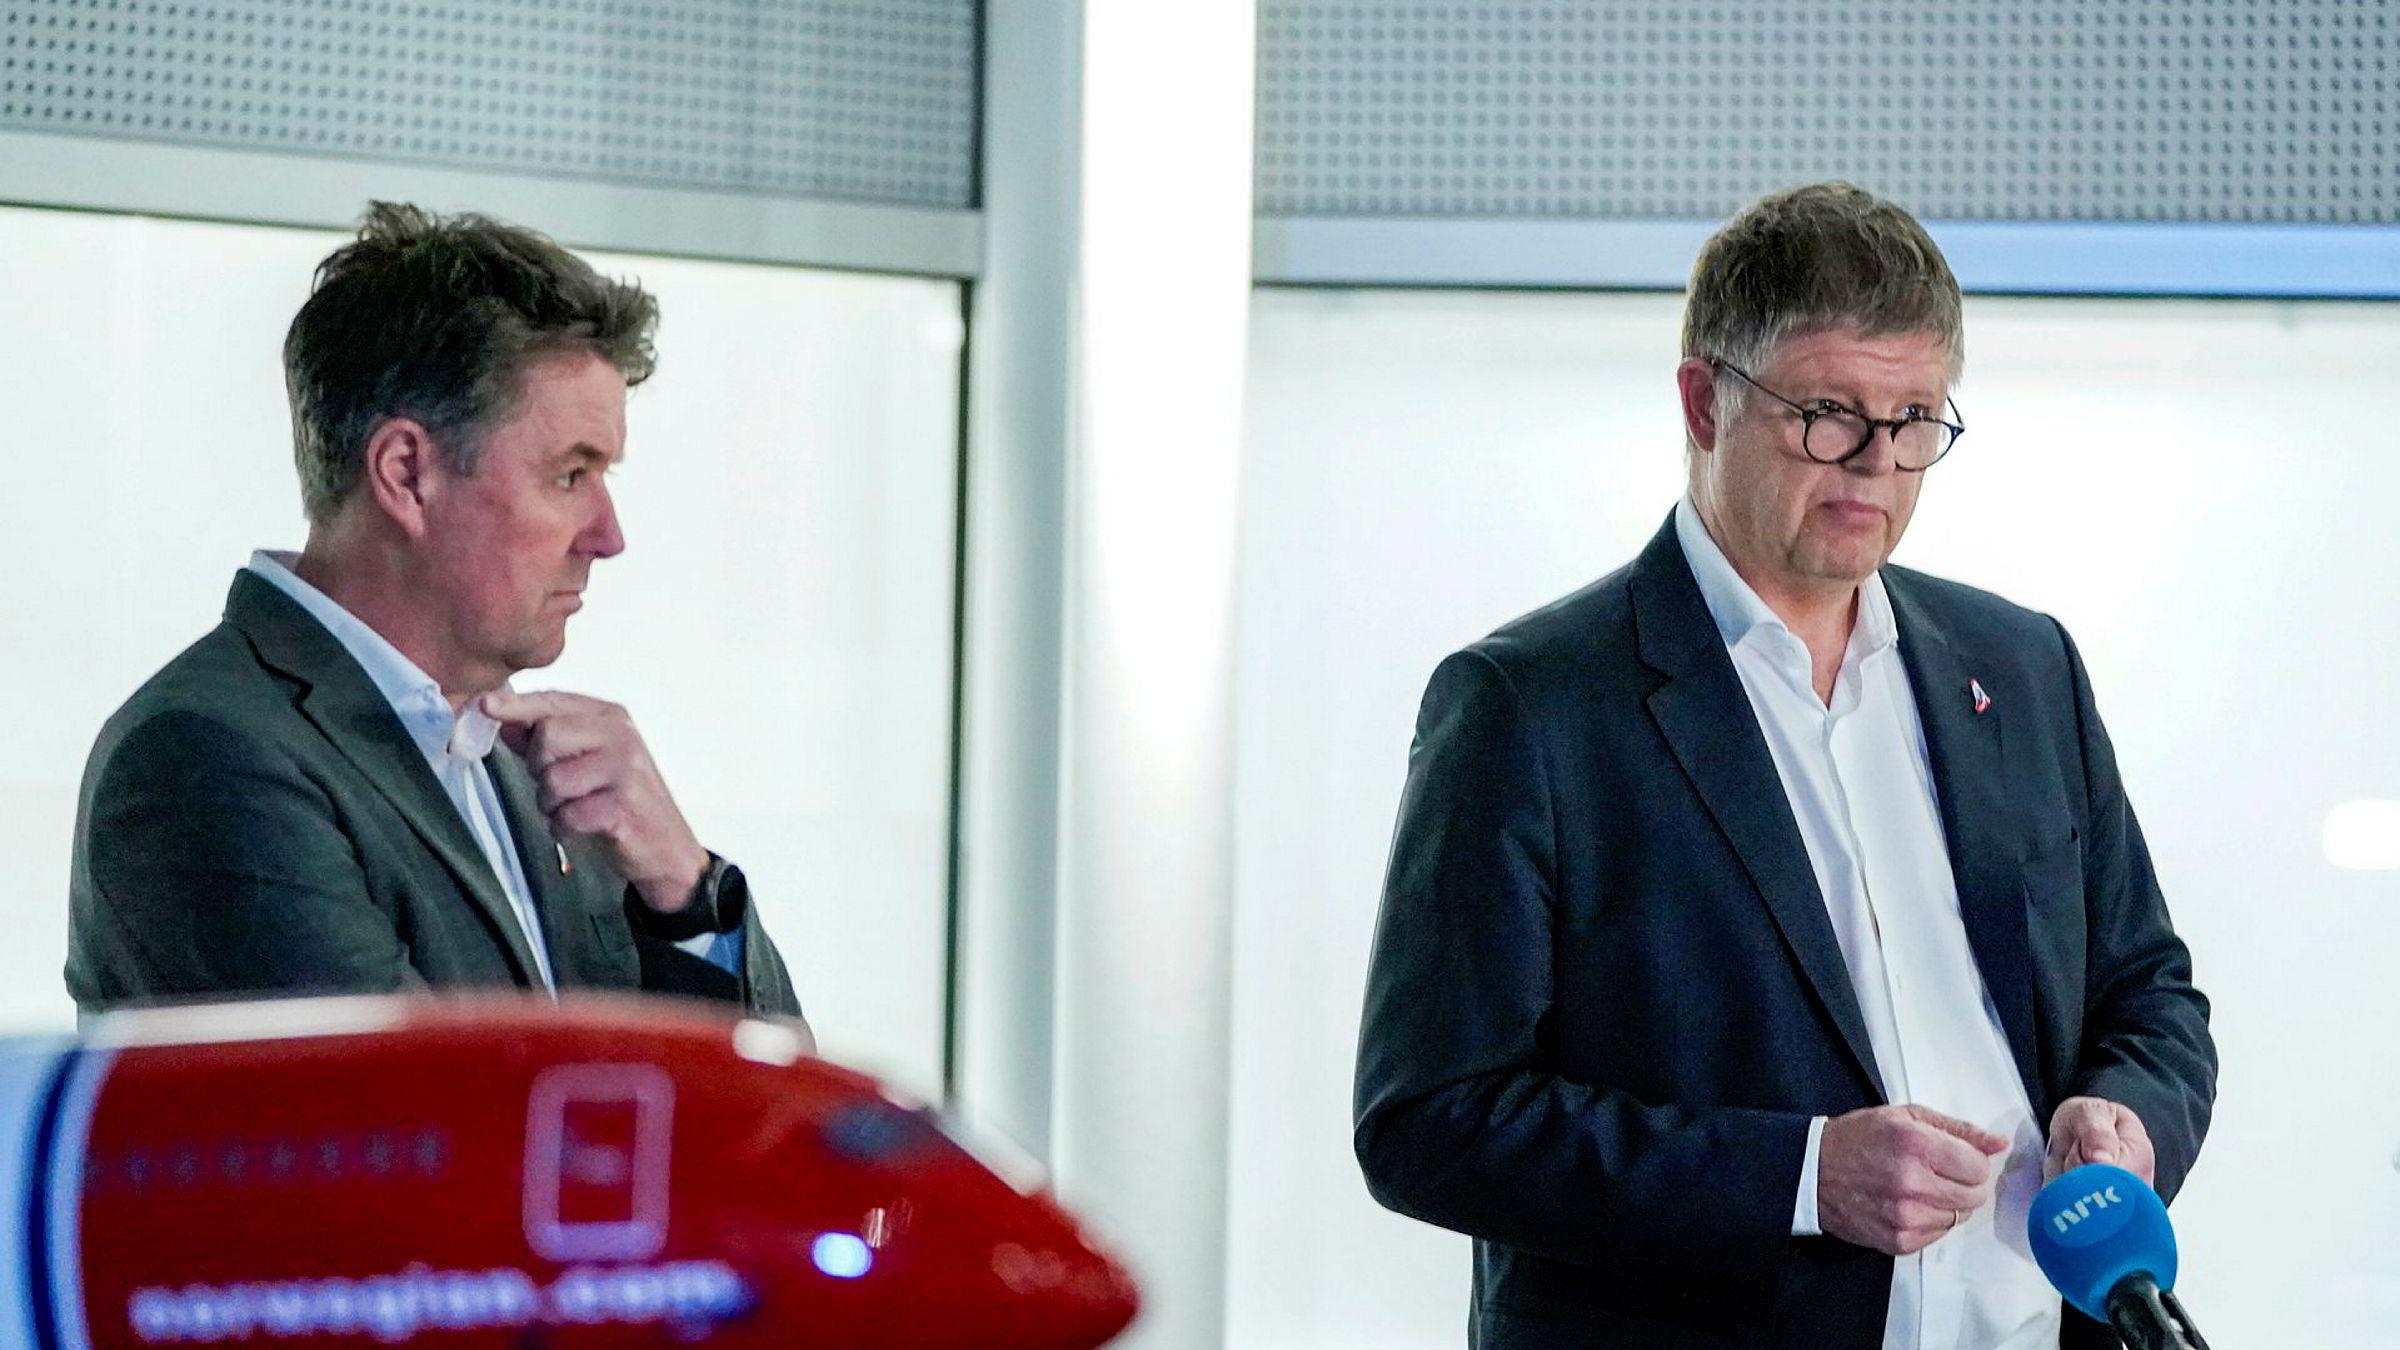 Konsernsjef Jacob Schram i Norwegian kommenterer regjeringens forslag til tiltakspakke for luftfarten. T.v. står finansdirektør Geir Karlsen.